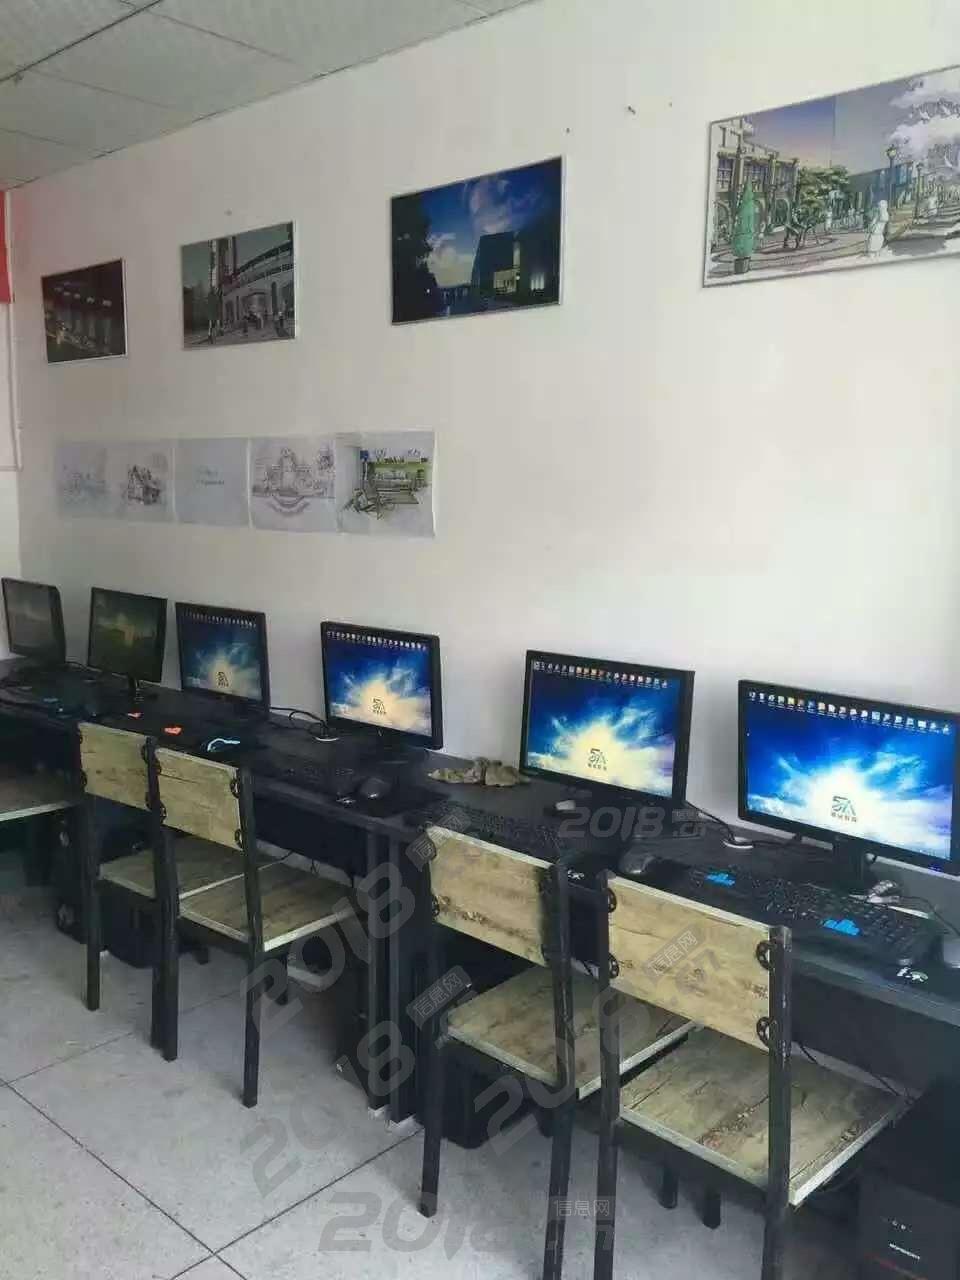 宜春室内设计 家装设计 工装设计 装潢设计 设计软件培训学校